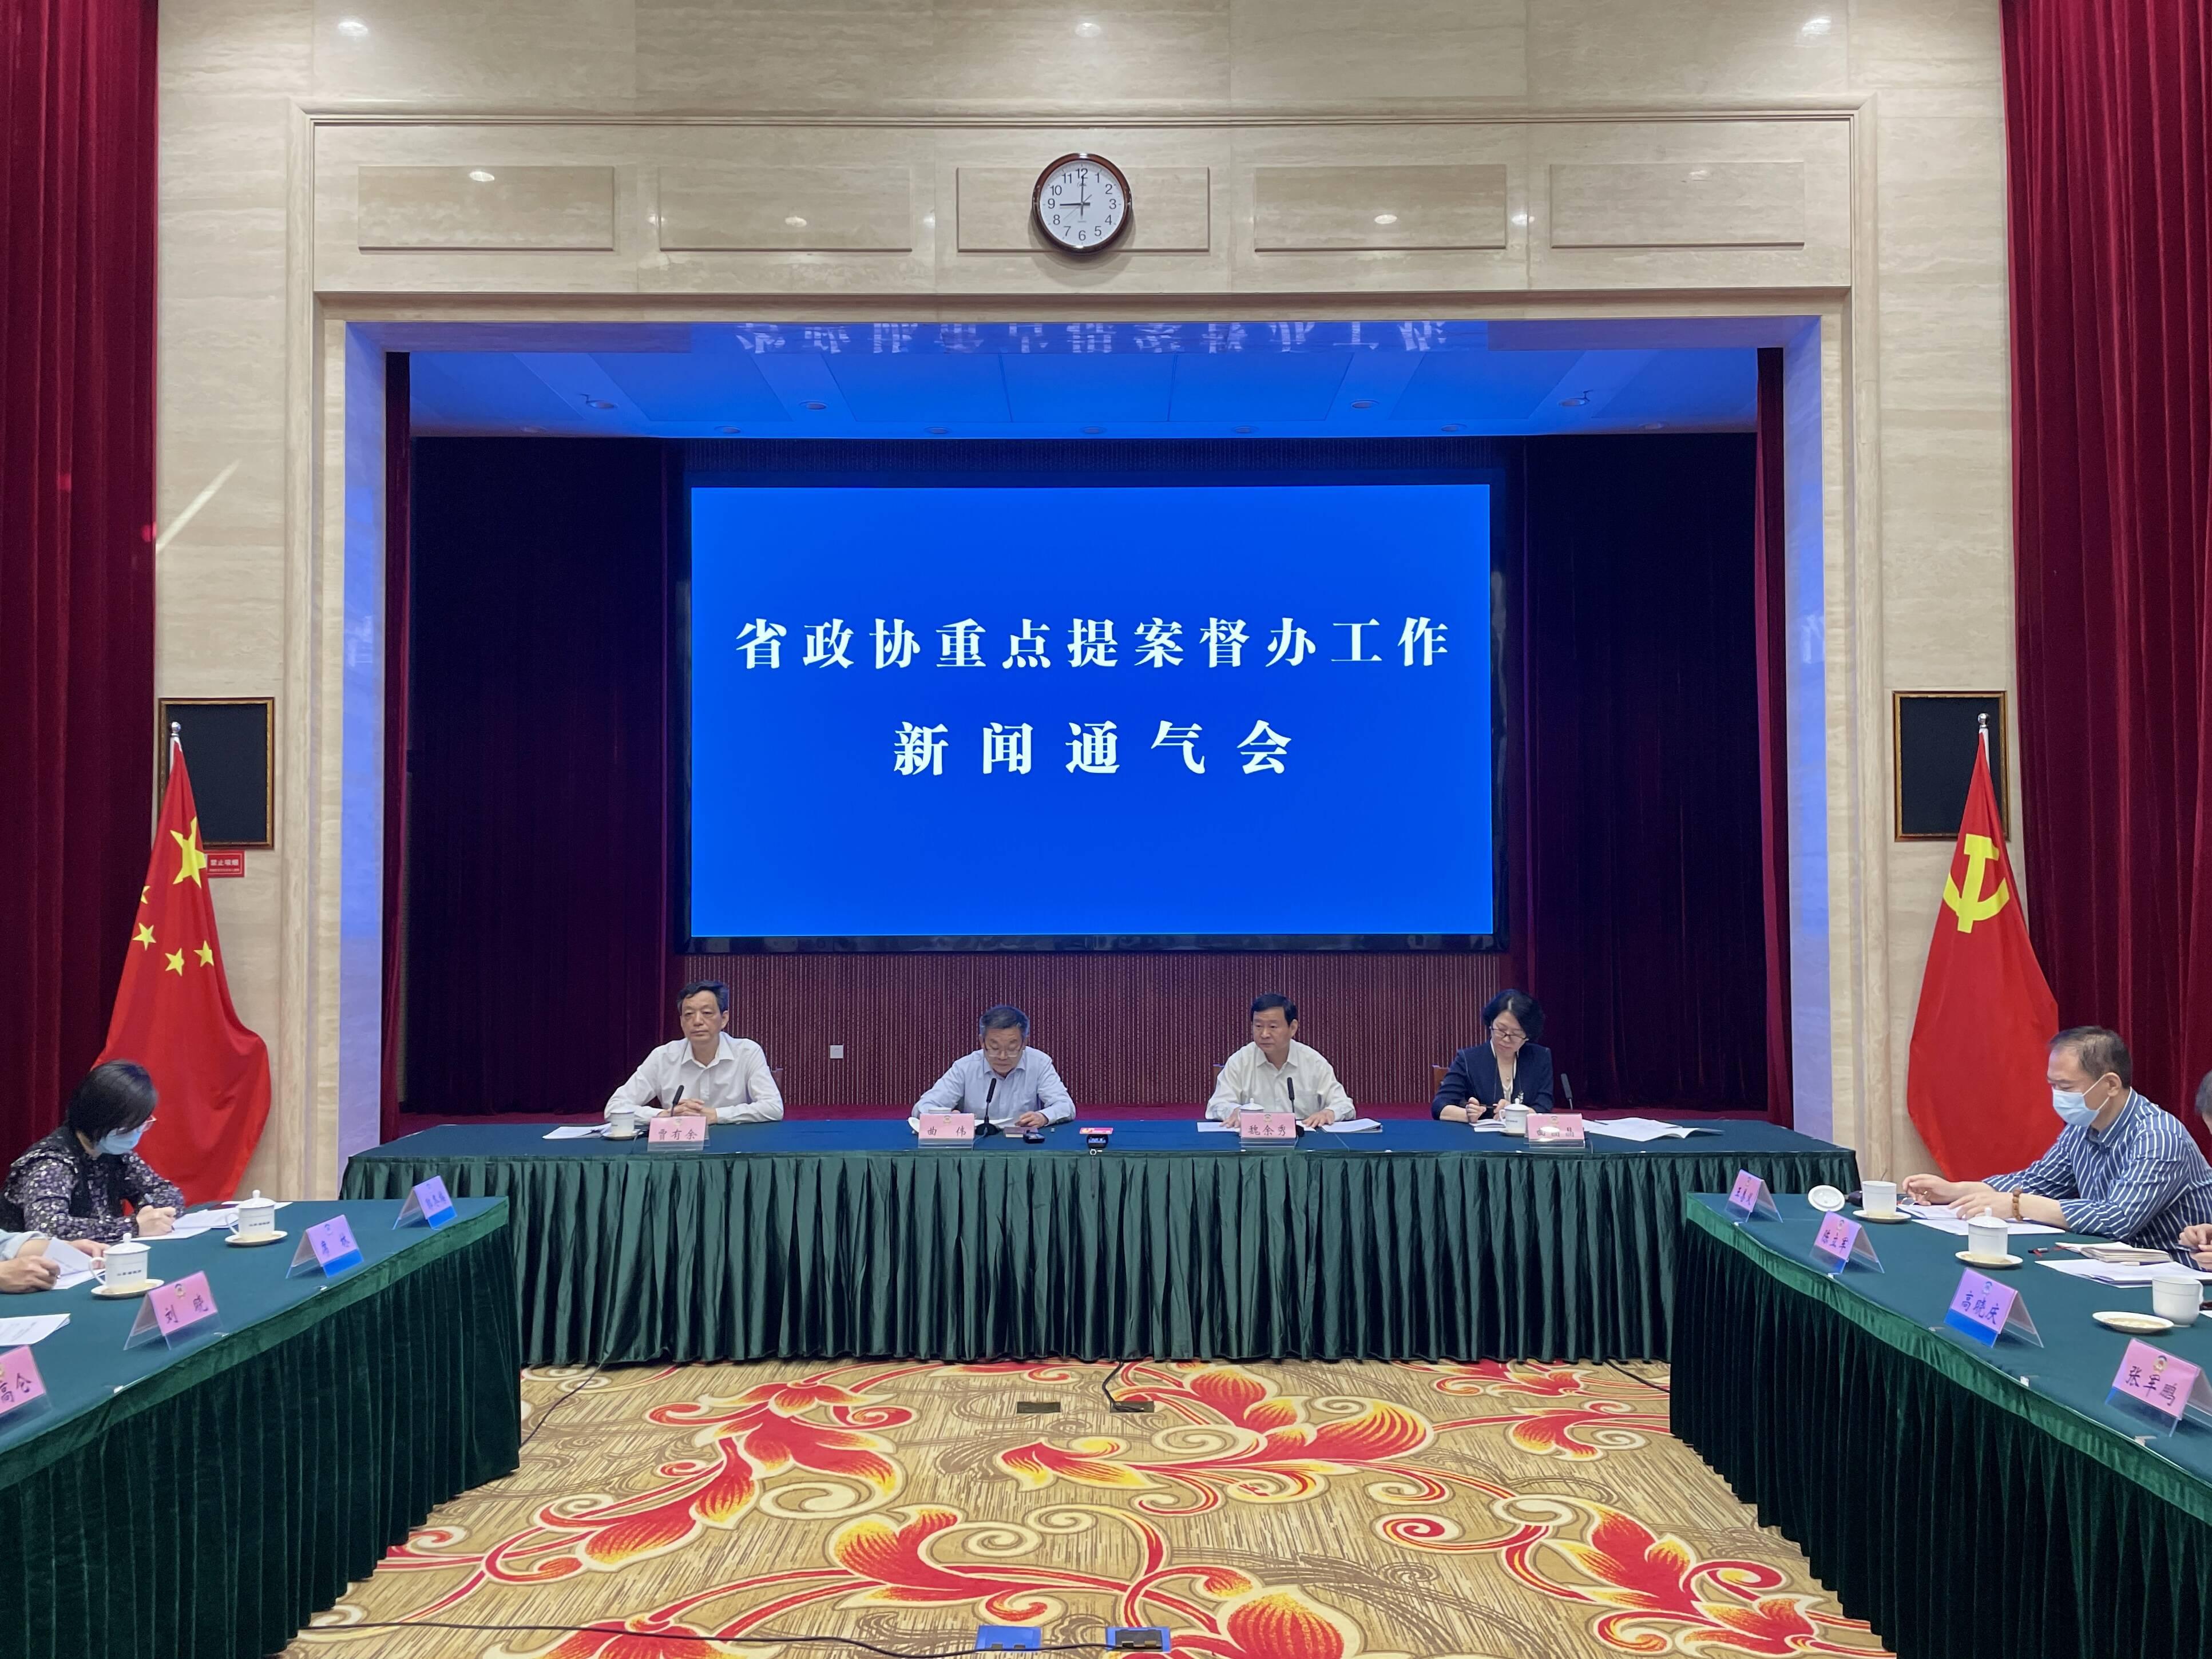 2021年山东省政协确定3件重点提案 9位副主席领办督办